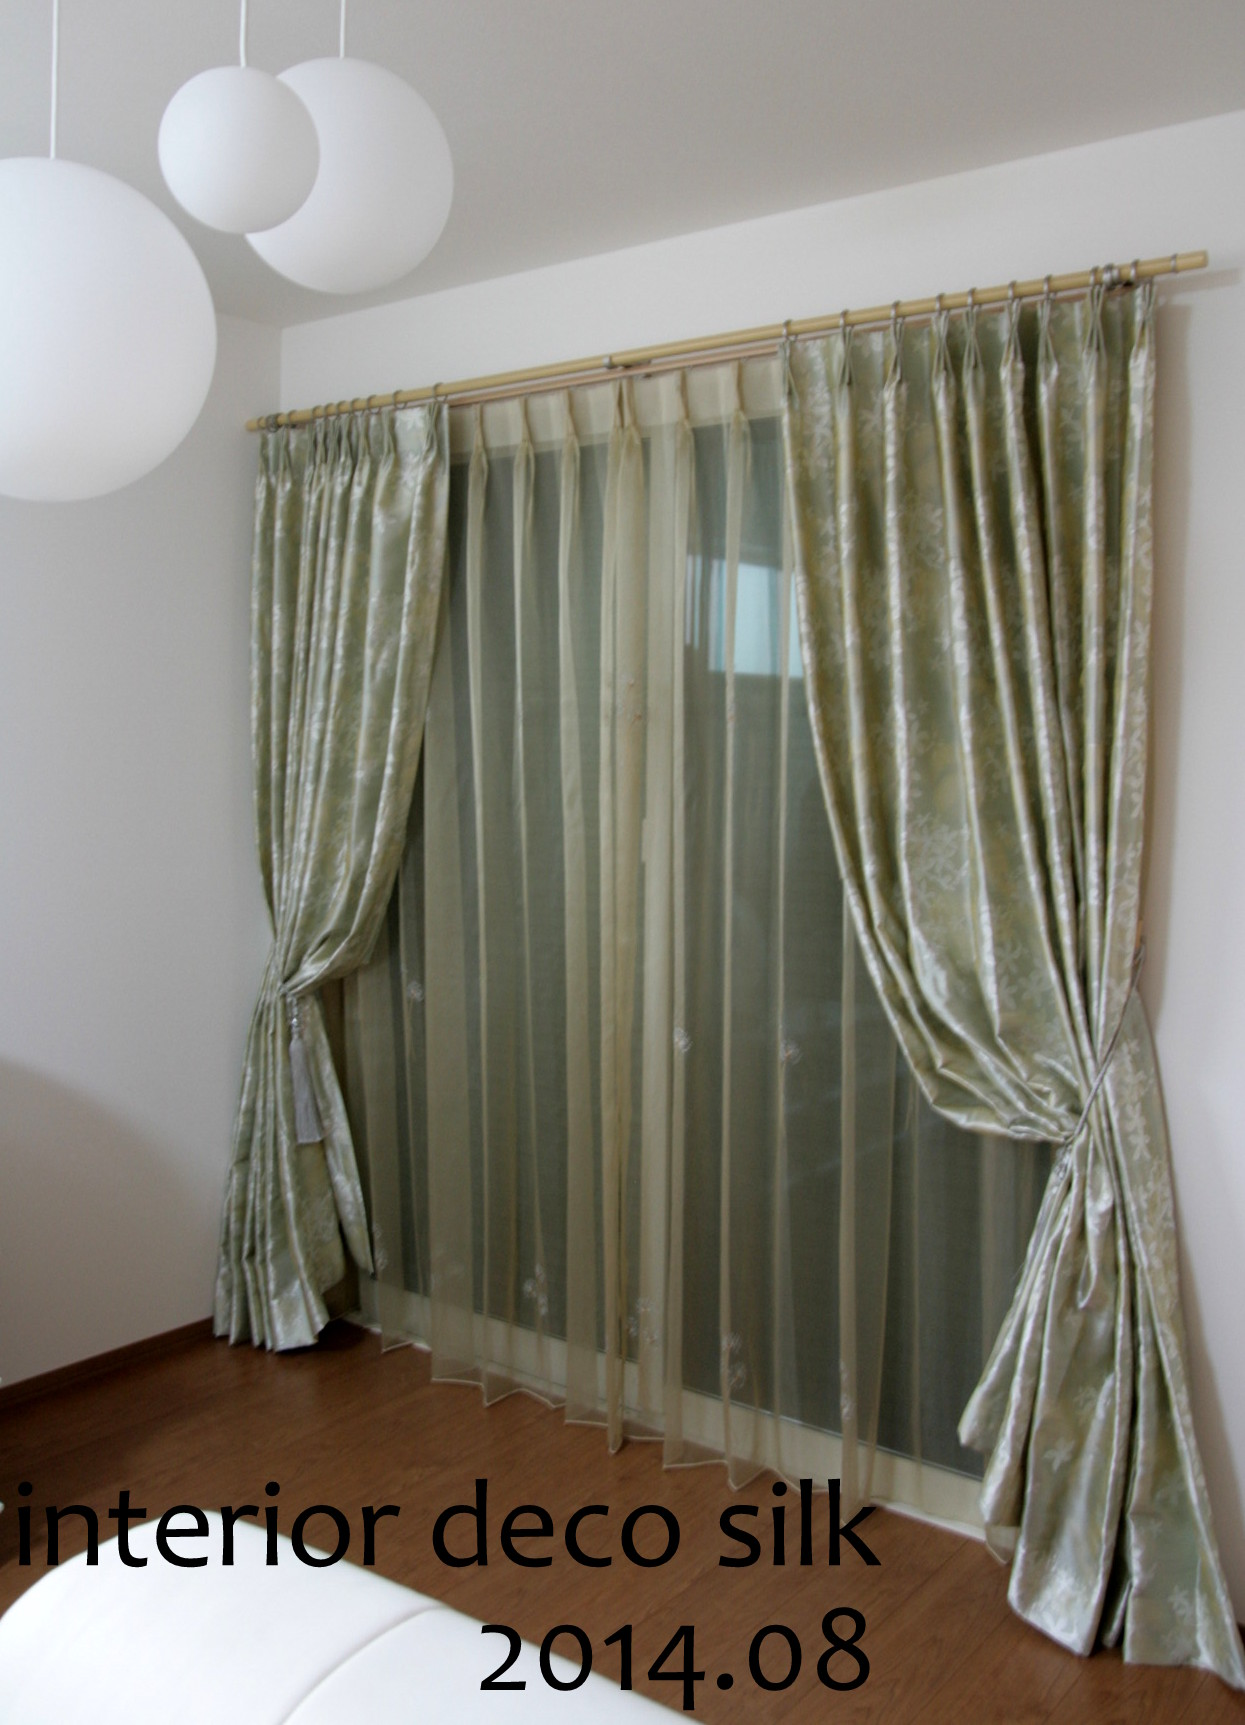 ウララ・フジエテキスタイルをLDカーテンに採用